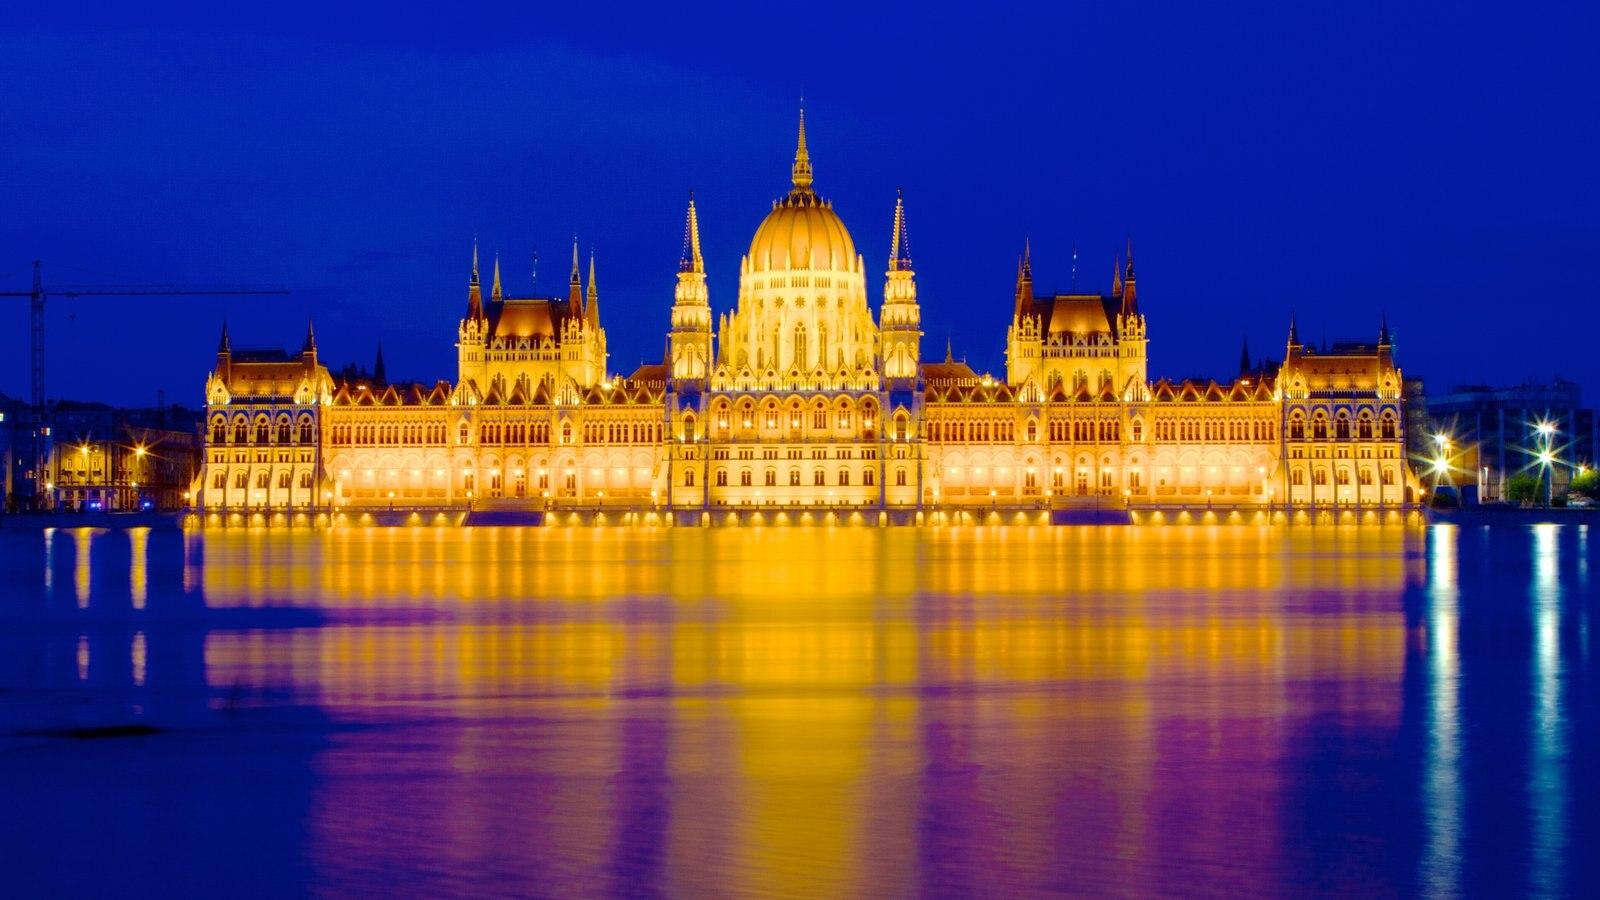 Edifício do Parlamento que inclui uma cidade, arquitetura de patrimônio e um edifício administrativo